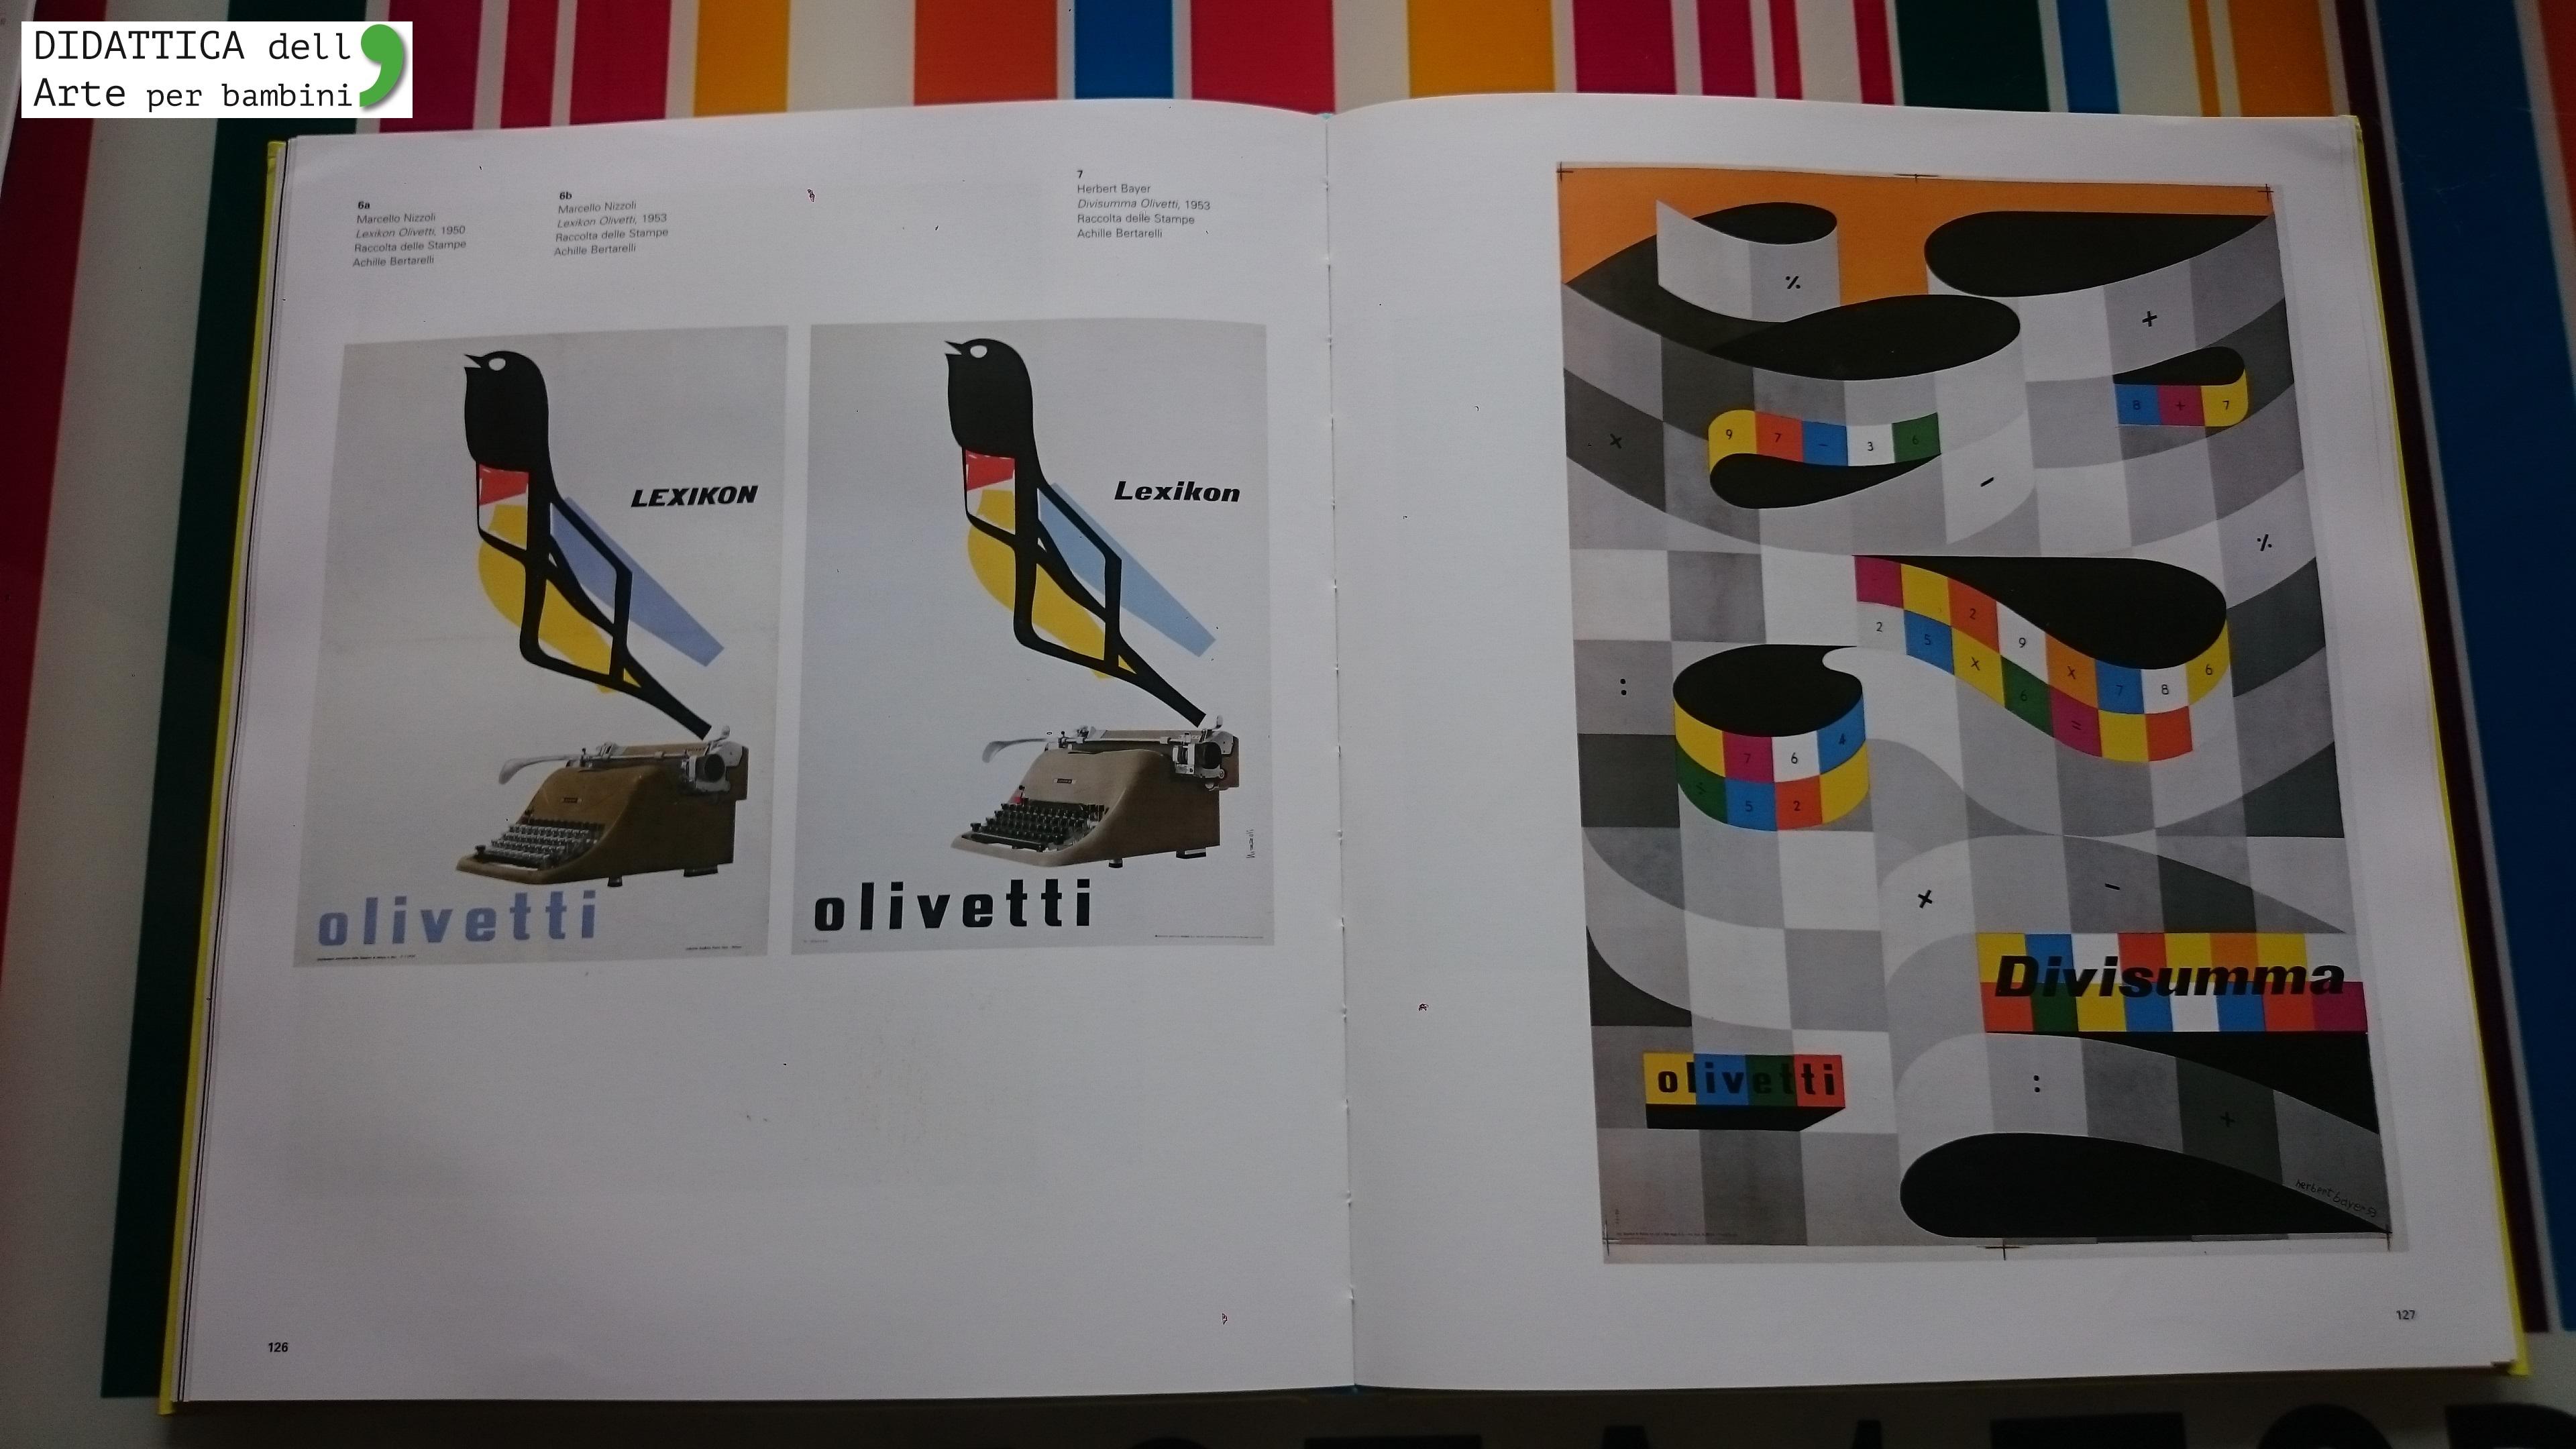 Famoso Homepage | DIDATTICA dell'Arte per bambini | Leontina Sorrentino  TC88